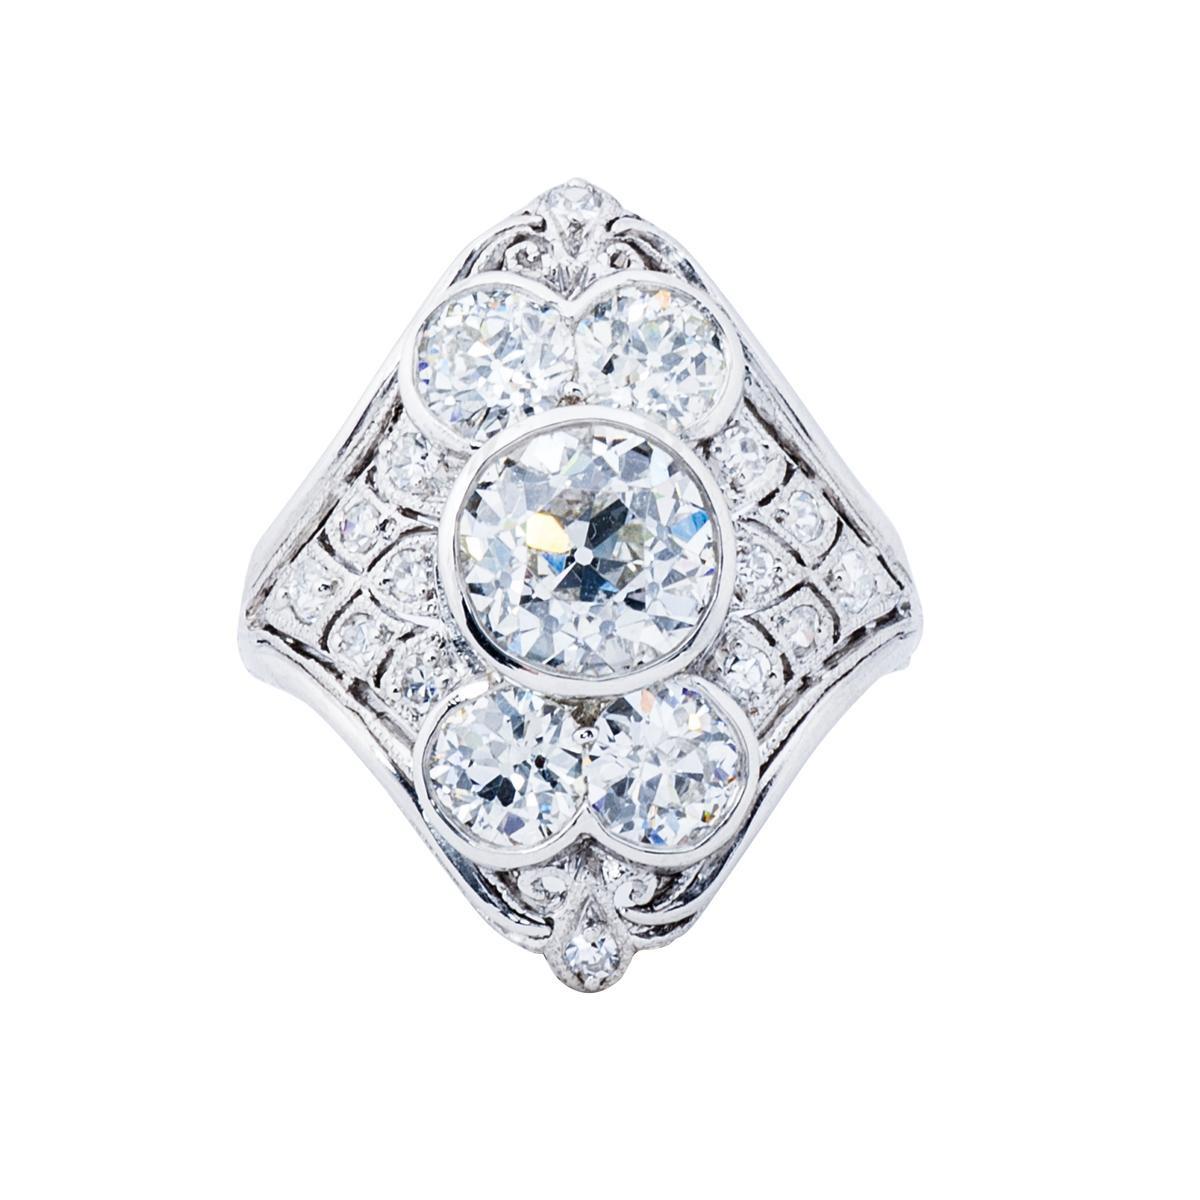 Antique Platinum 3.31 CTW Diamond Ring